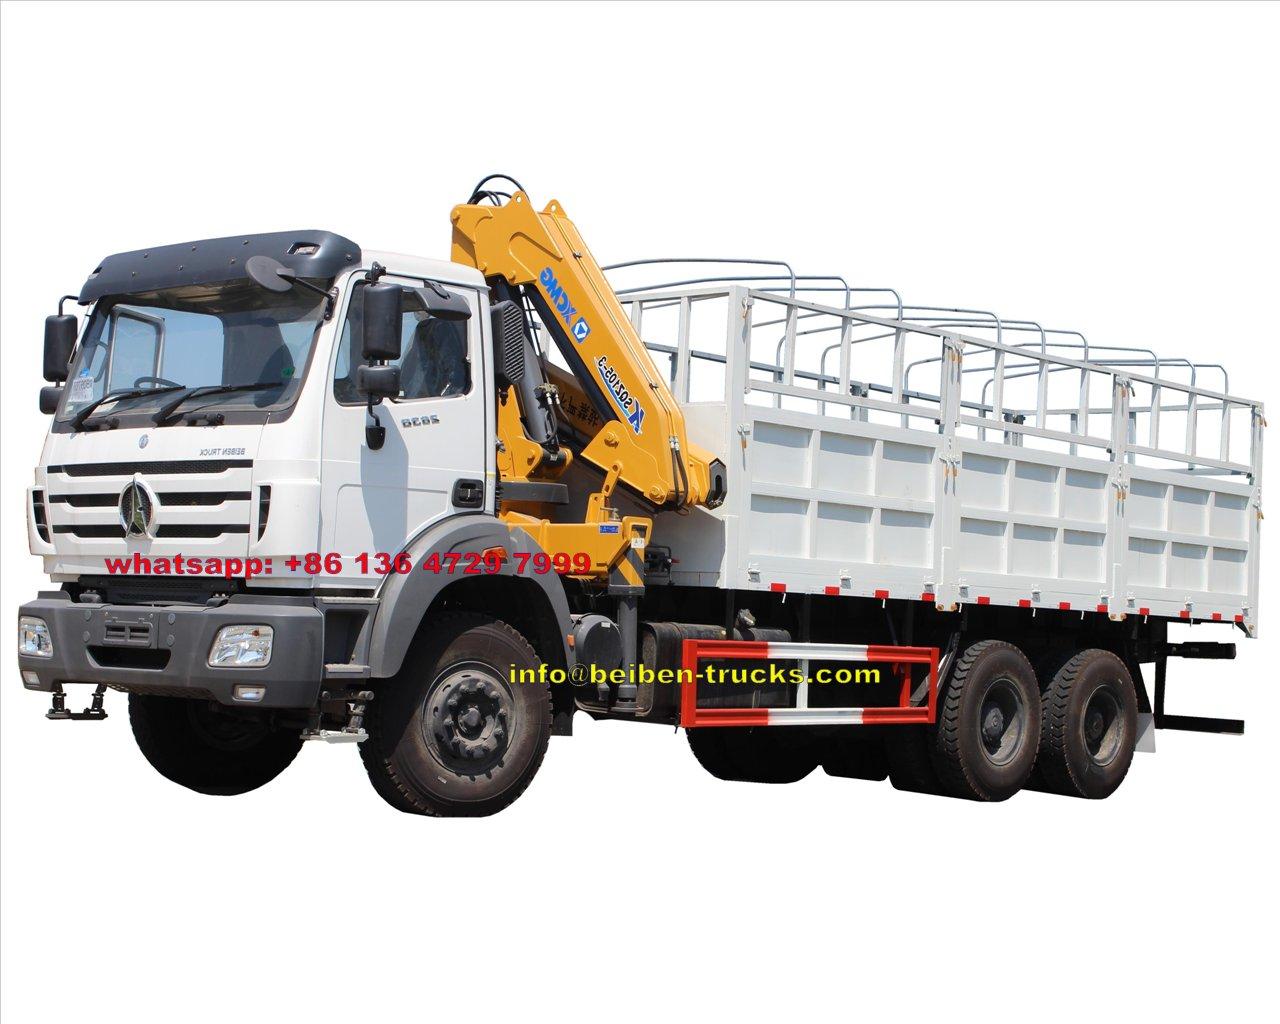 beiben 2638 truck